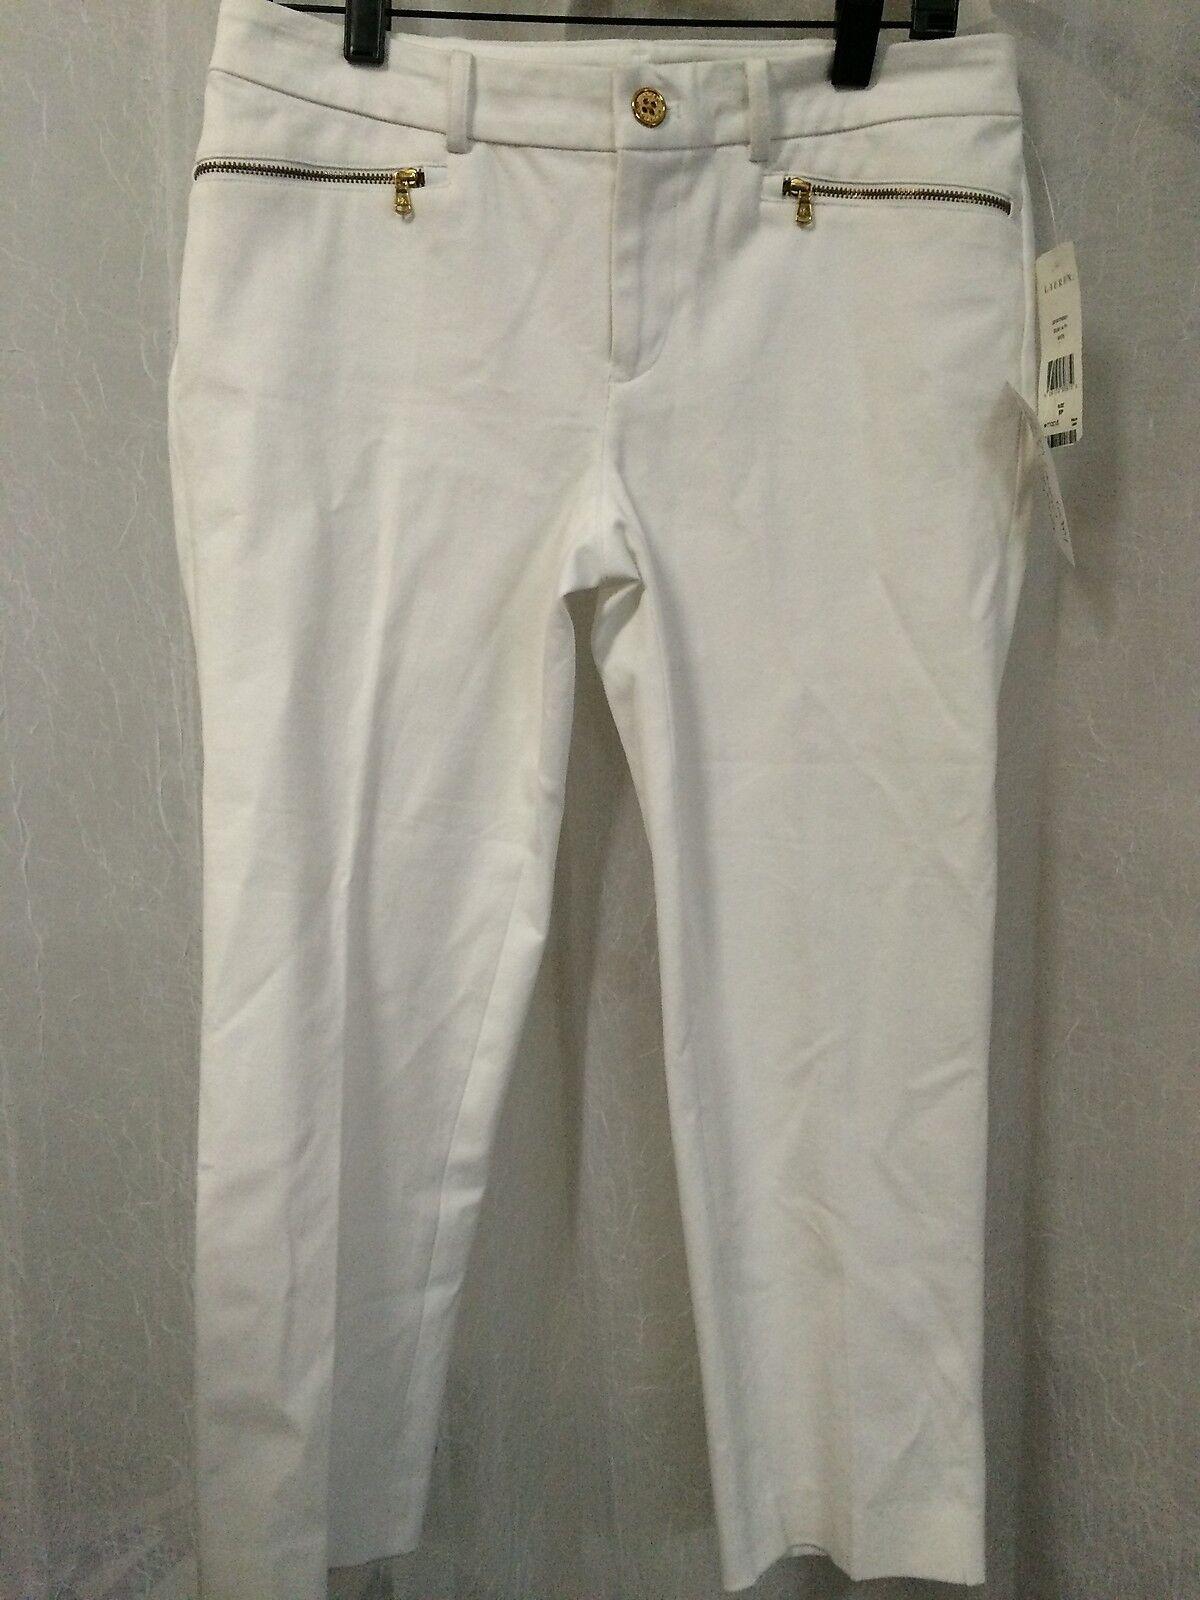 Ralph Lauren Women's Pants Petites White Crop Pants Size 6P NWT